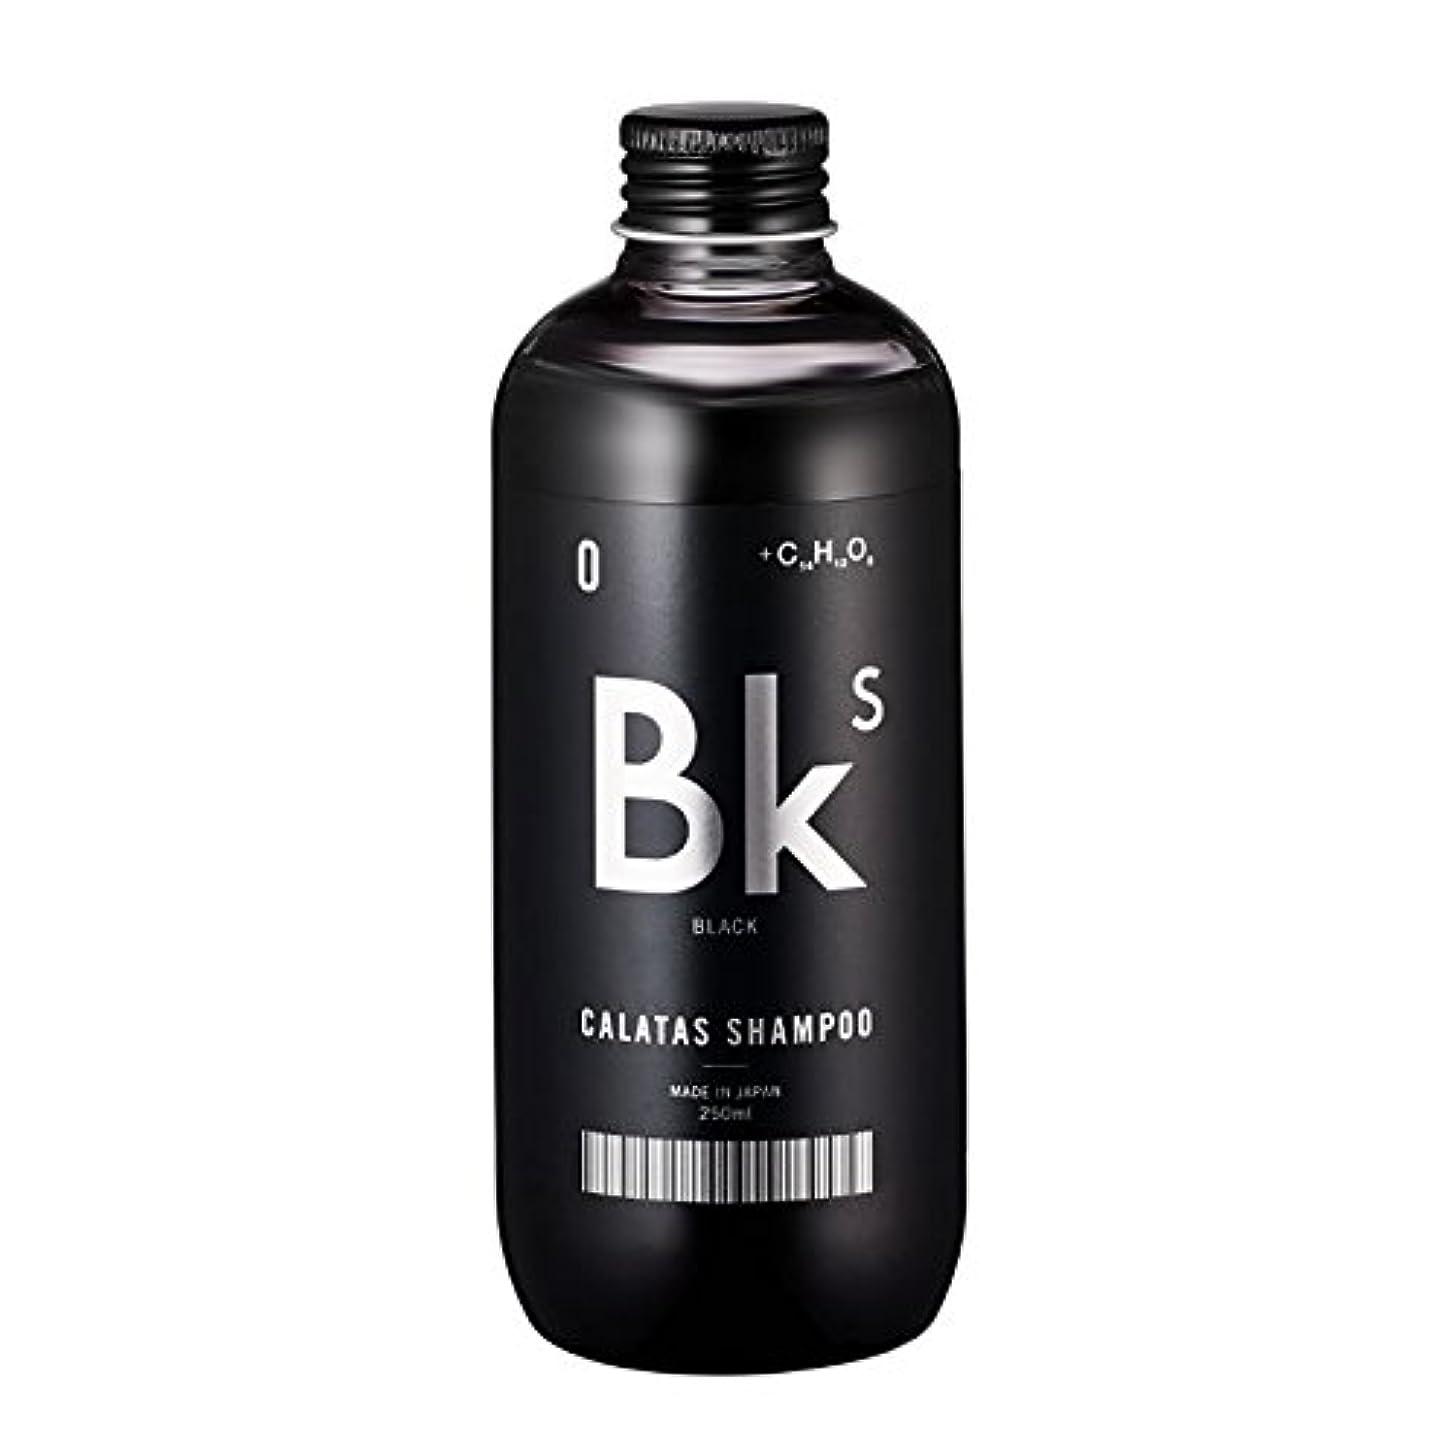 散髪密スタッフCALATAS シャンプー Bk(ブラック) カラタスシャンプー 250ml